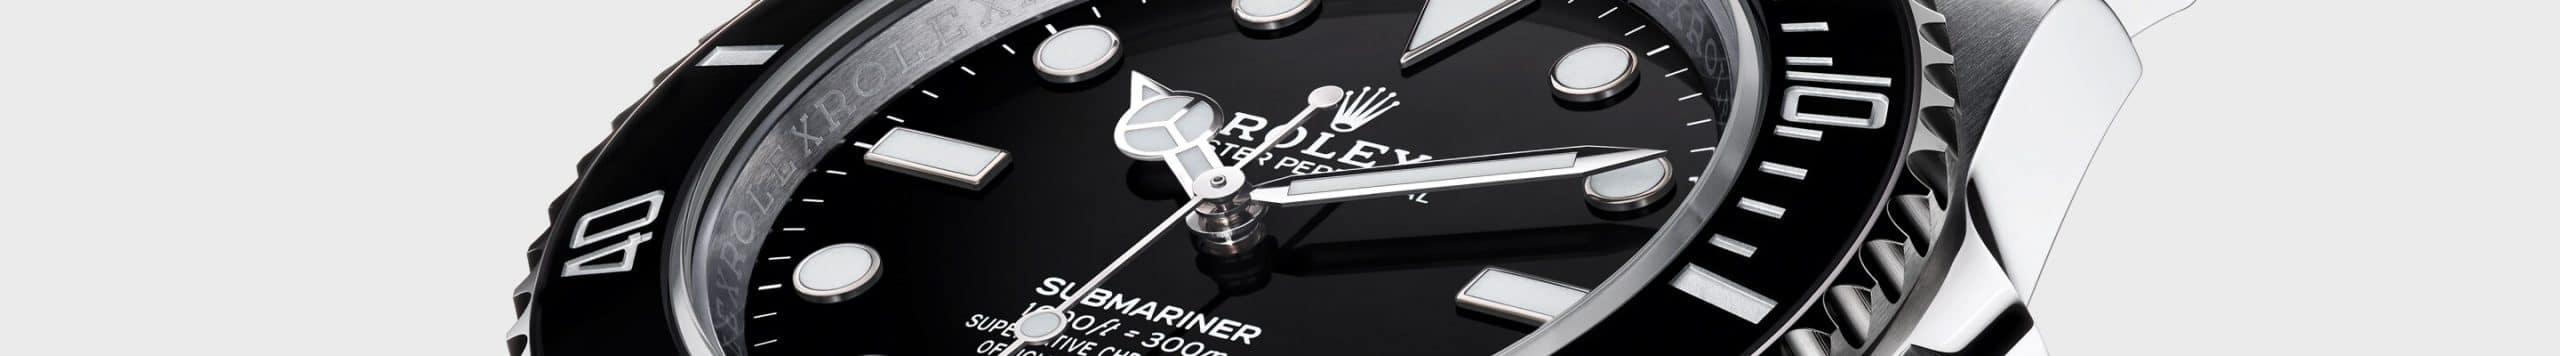 Guides de l'utilisateur Rolex SUBMARINER